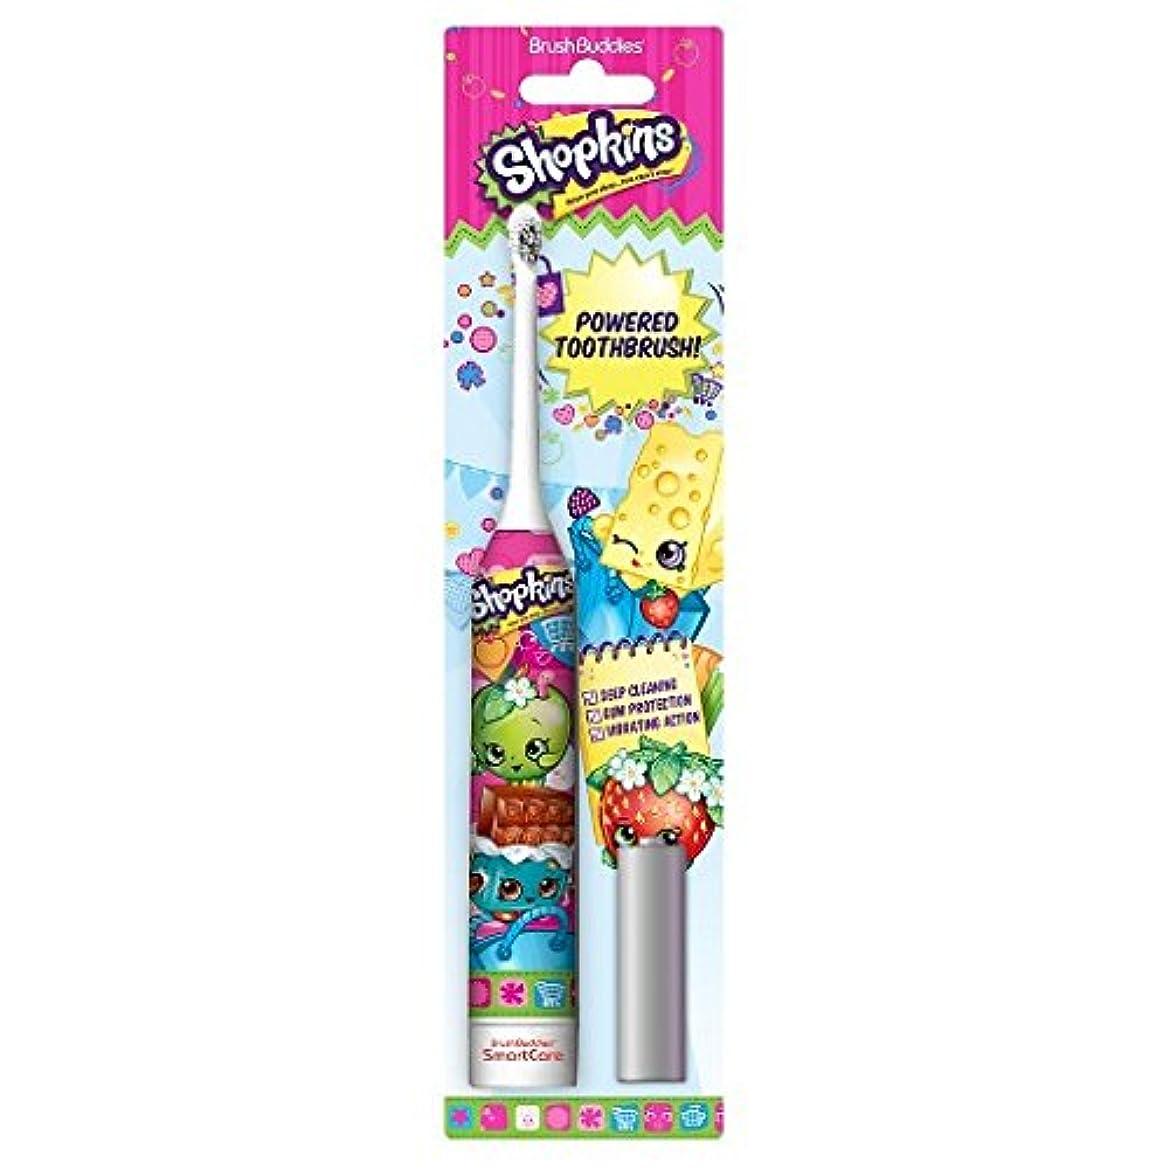 ひらめきどれパラダイスBrush Buddies Shopkins Sonic Powered Toothbrush ソニックパワード電動歯ブラシ [並行輸入品]